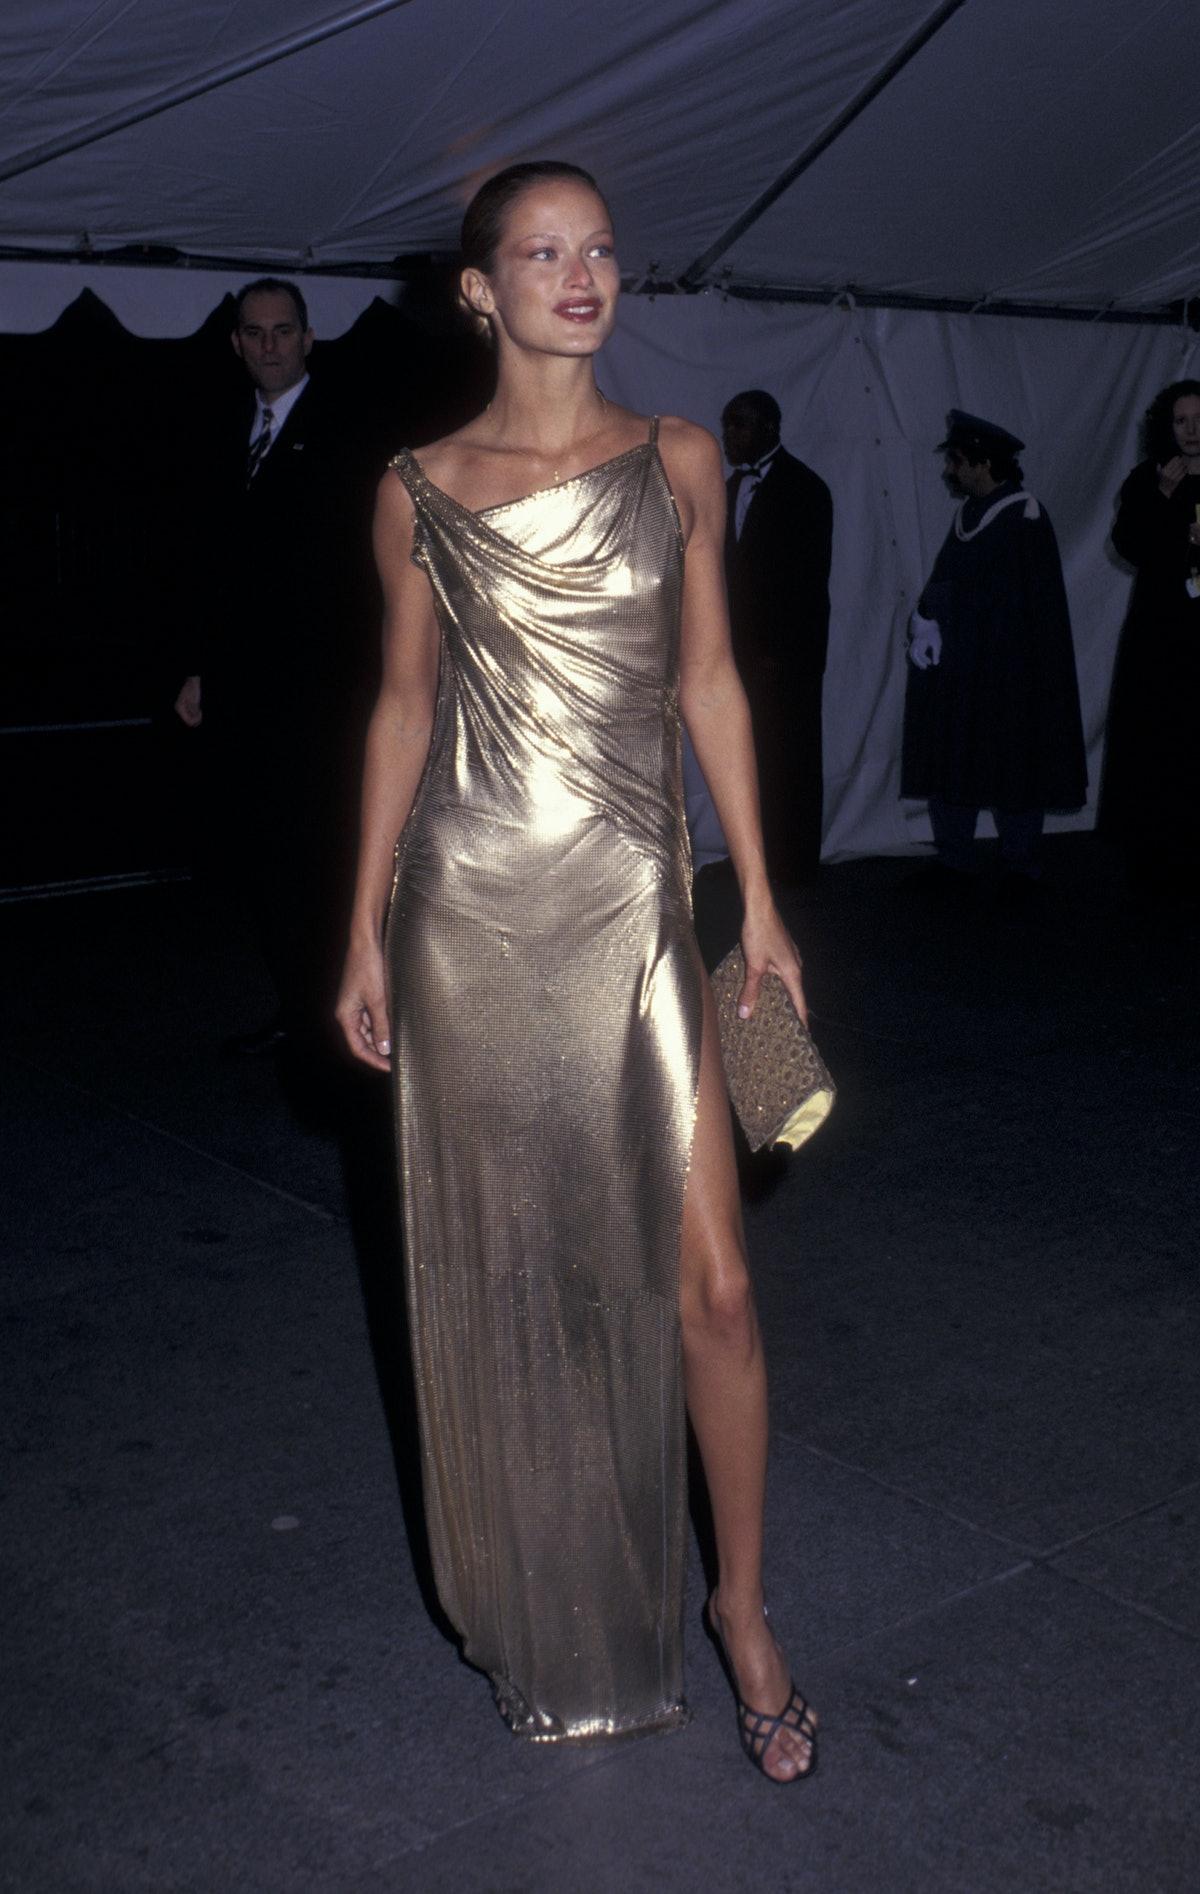 Metropolitan Museum of Art Costume Institute Exhibition Gianni Versace